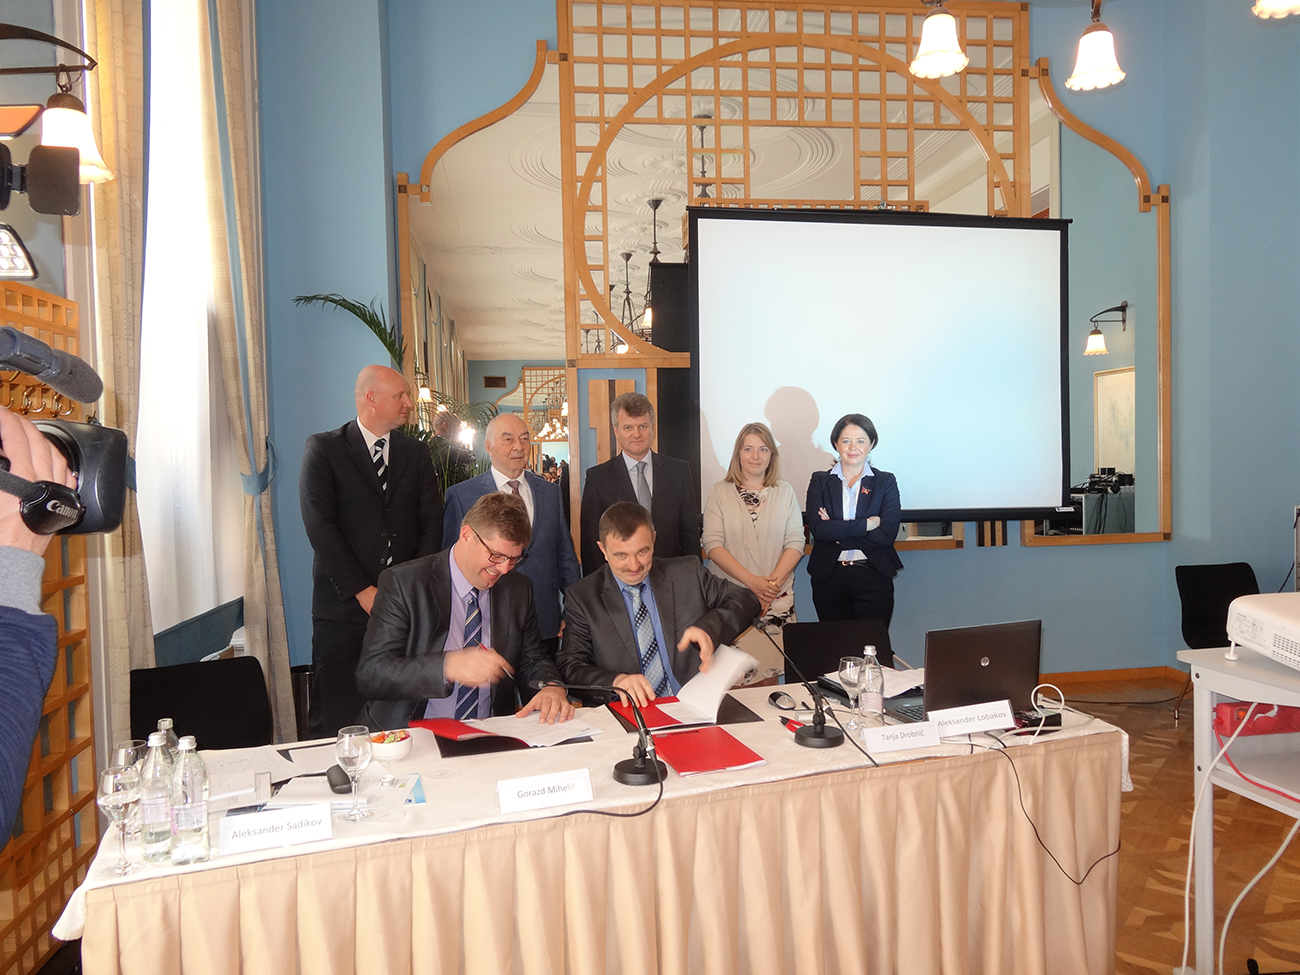 Podpis pogodbe o sodelovanju med ruskim podjetjem Garant-Plus in slovenskim podjetjem Sico, ki bosta zagnala skupen posel s proizvodnjo opreme za predelavo lesa in plastičnih odpadkov.